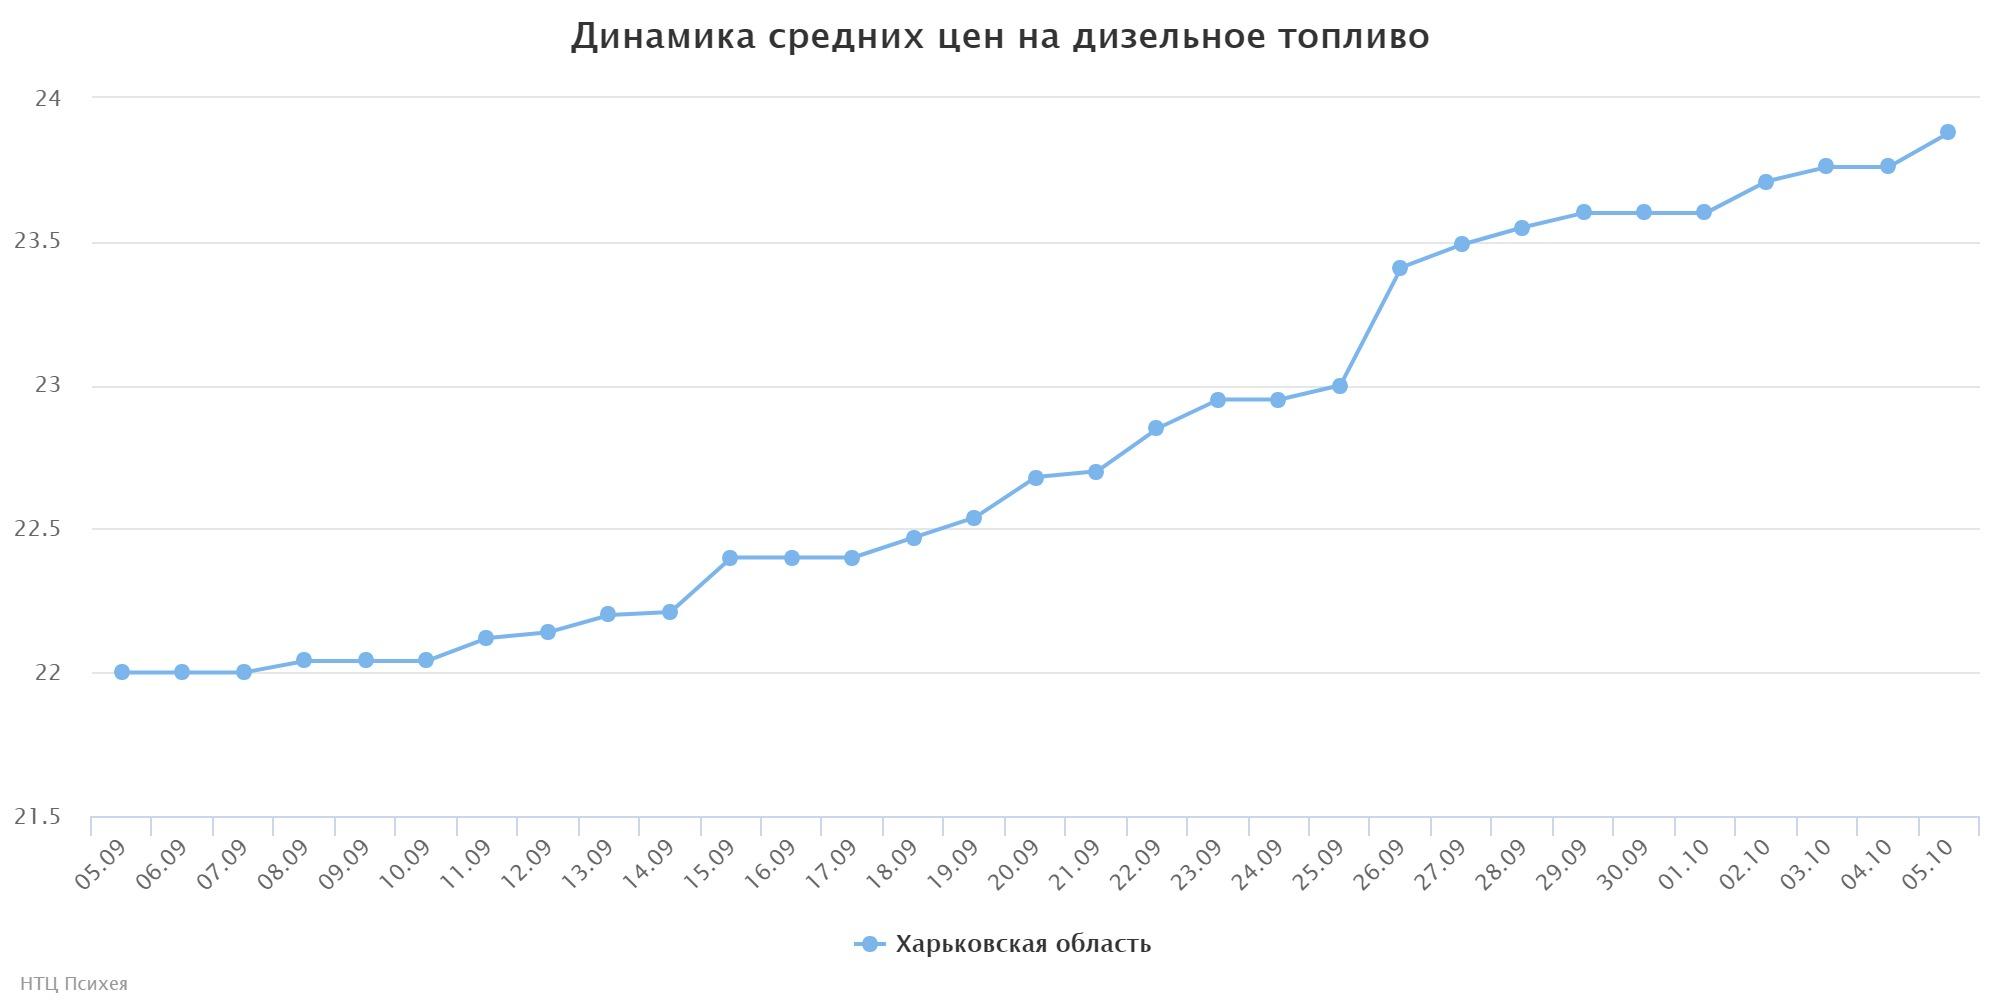 Цены набензин вгосударстве Украина увеличились на1,5 гривны